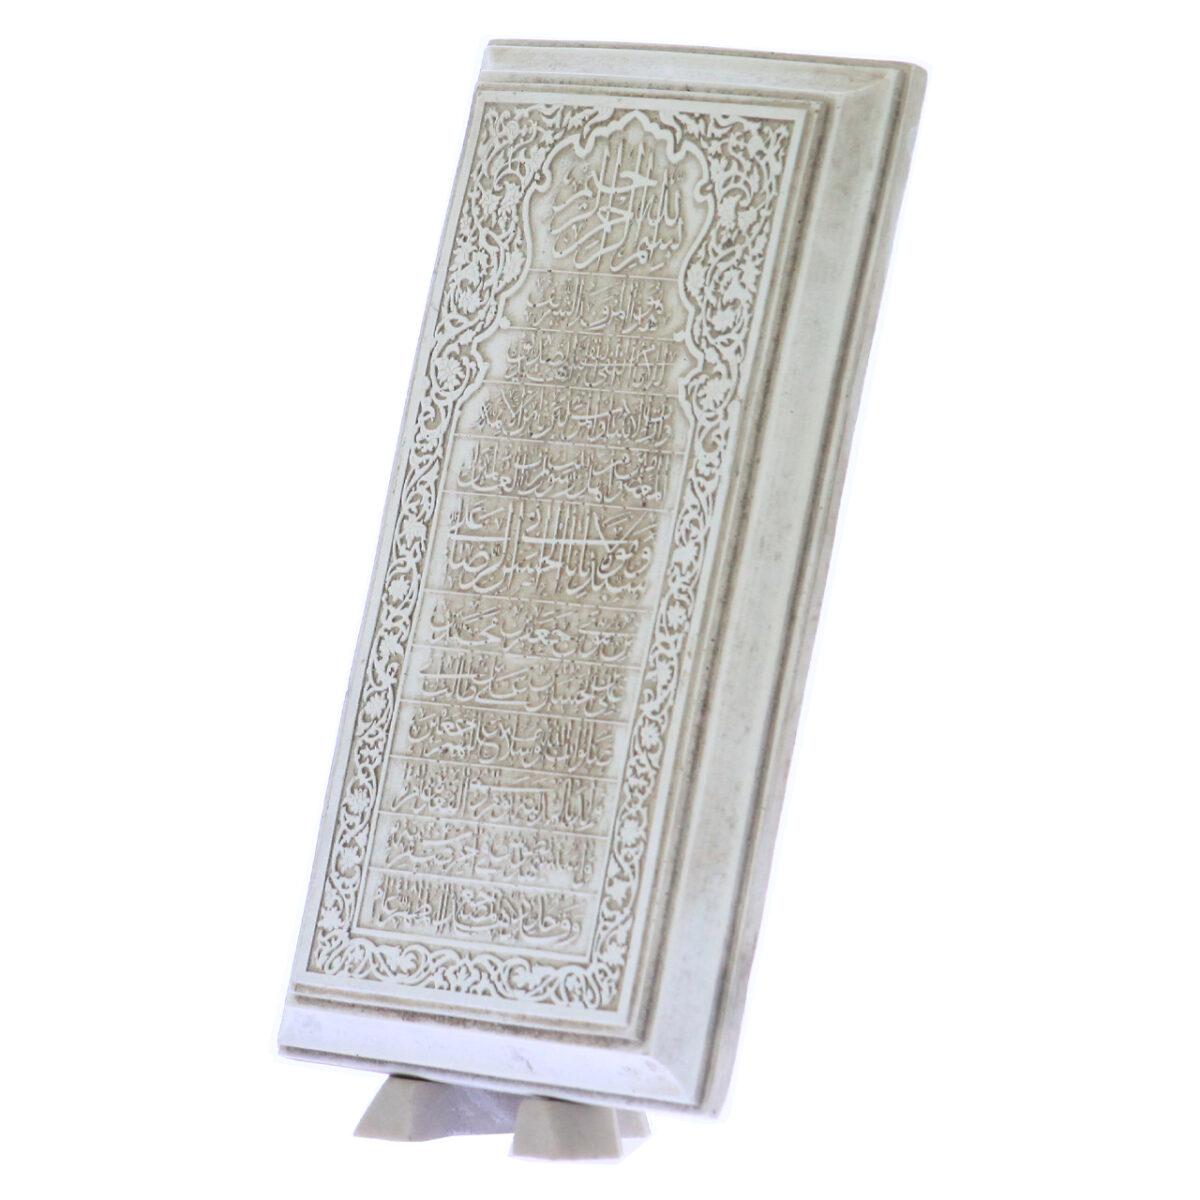 مجسمه تندیس و پیکره شهریار مدل سنگ قبر امام رضا (ع) کد MO3190